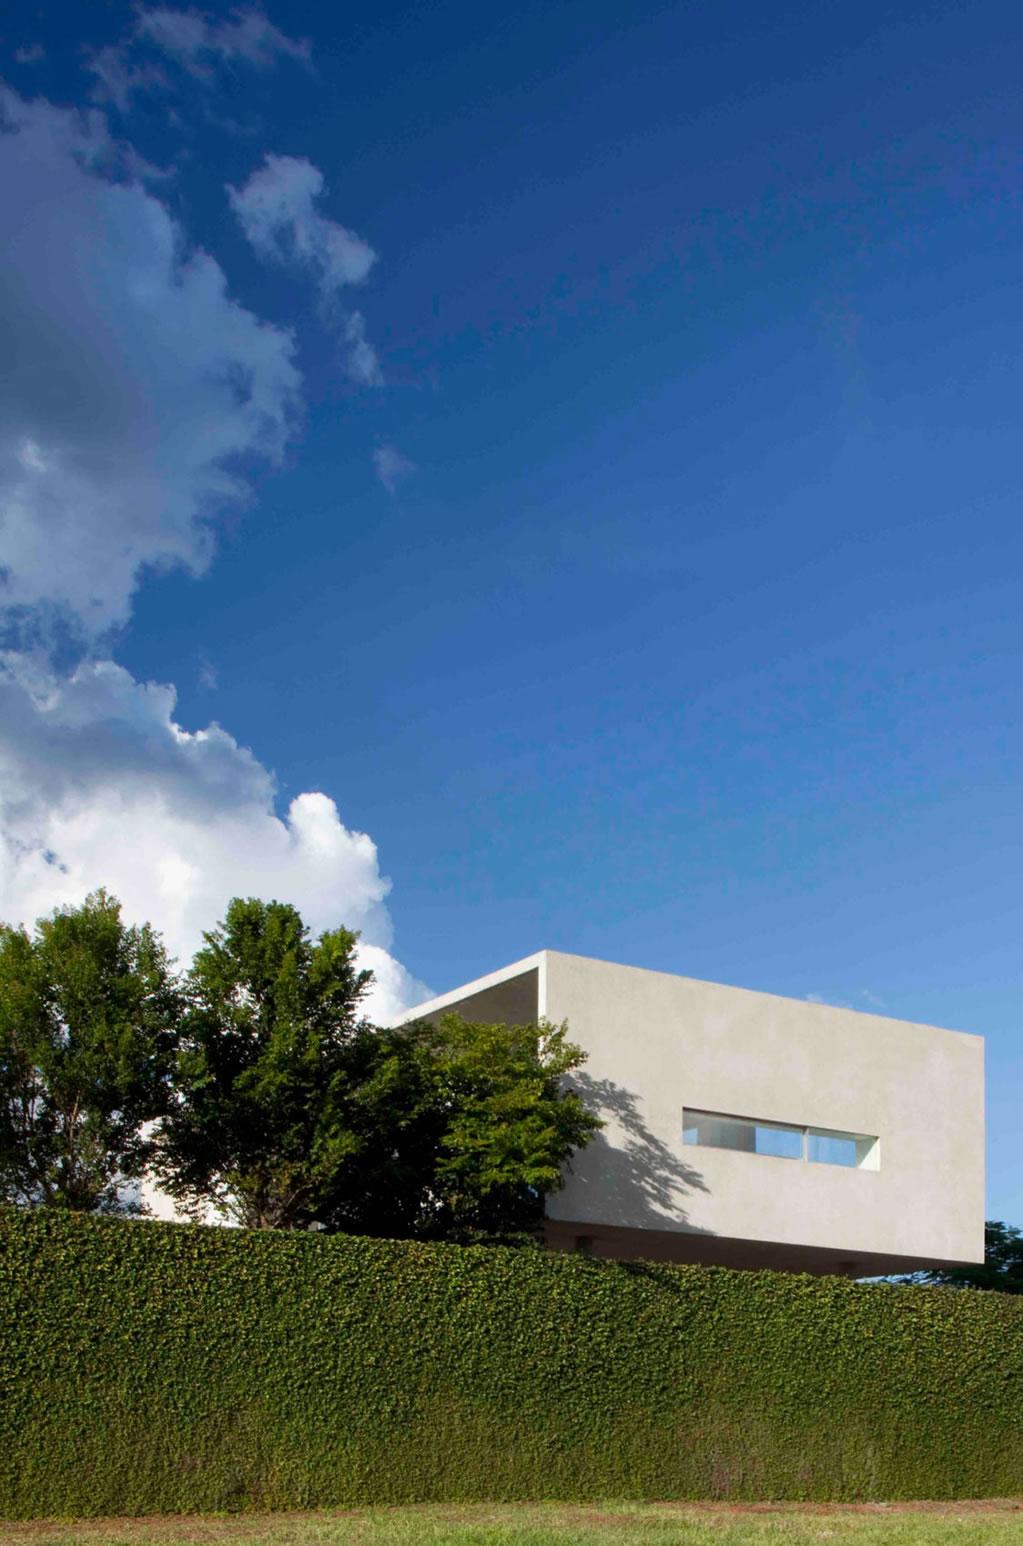 Exquisite Residence In Brasilia, Brazil 1